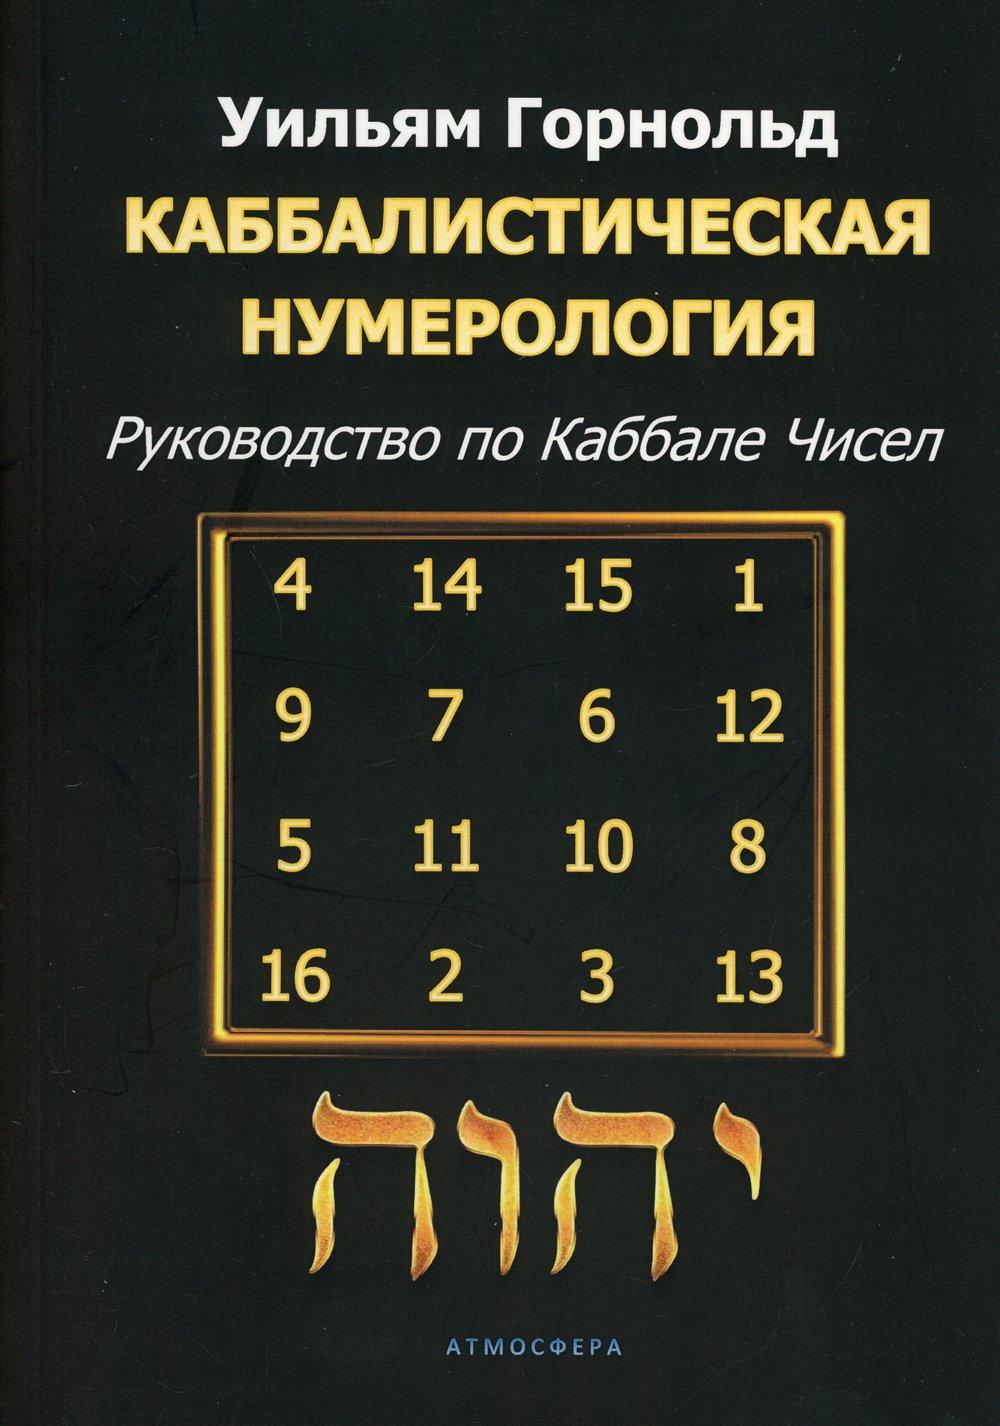 Каббалистическая нумерология